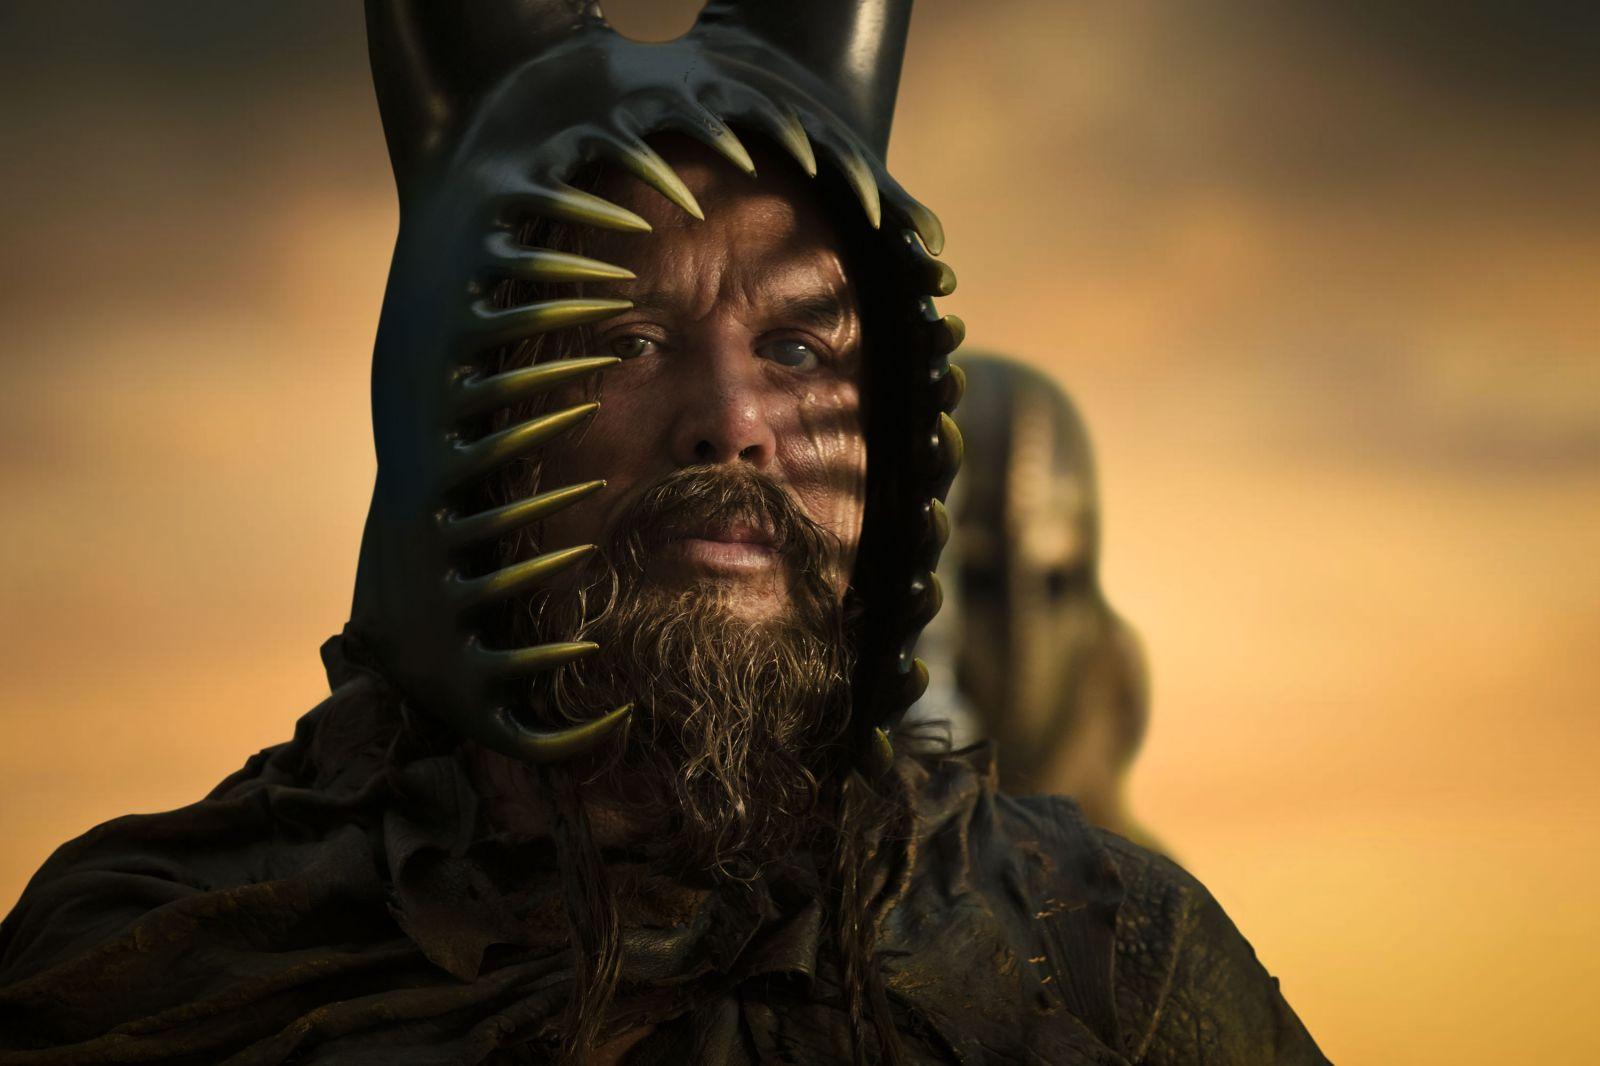 http://1.bp.blogspot.com/-jLfjIglNIiM/TsBTzCzlN7I/AAAAAAAAAwQ/ERAm9h2MHvA/s1600/immortals-movie-image-mickey-rourke-01.jpg